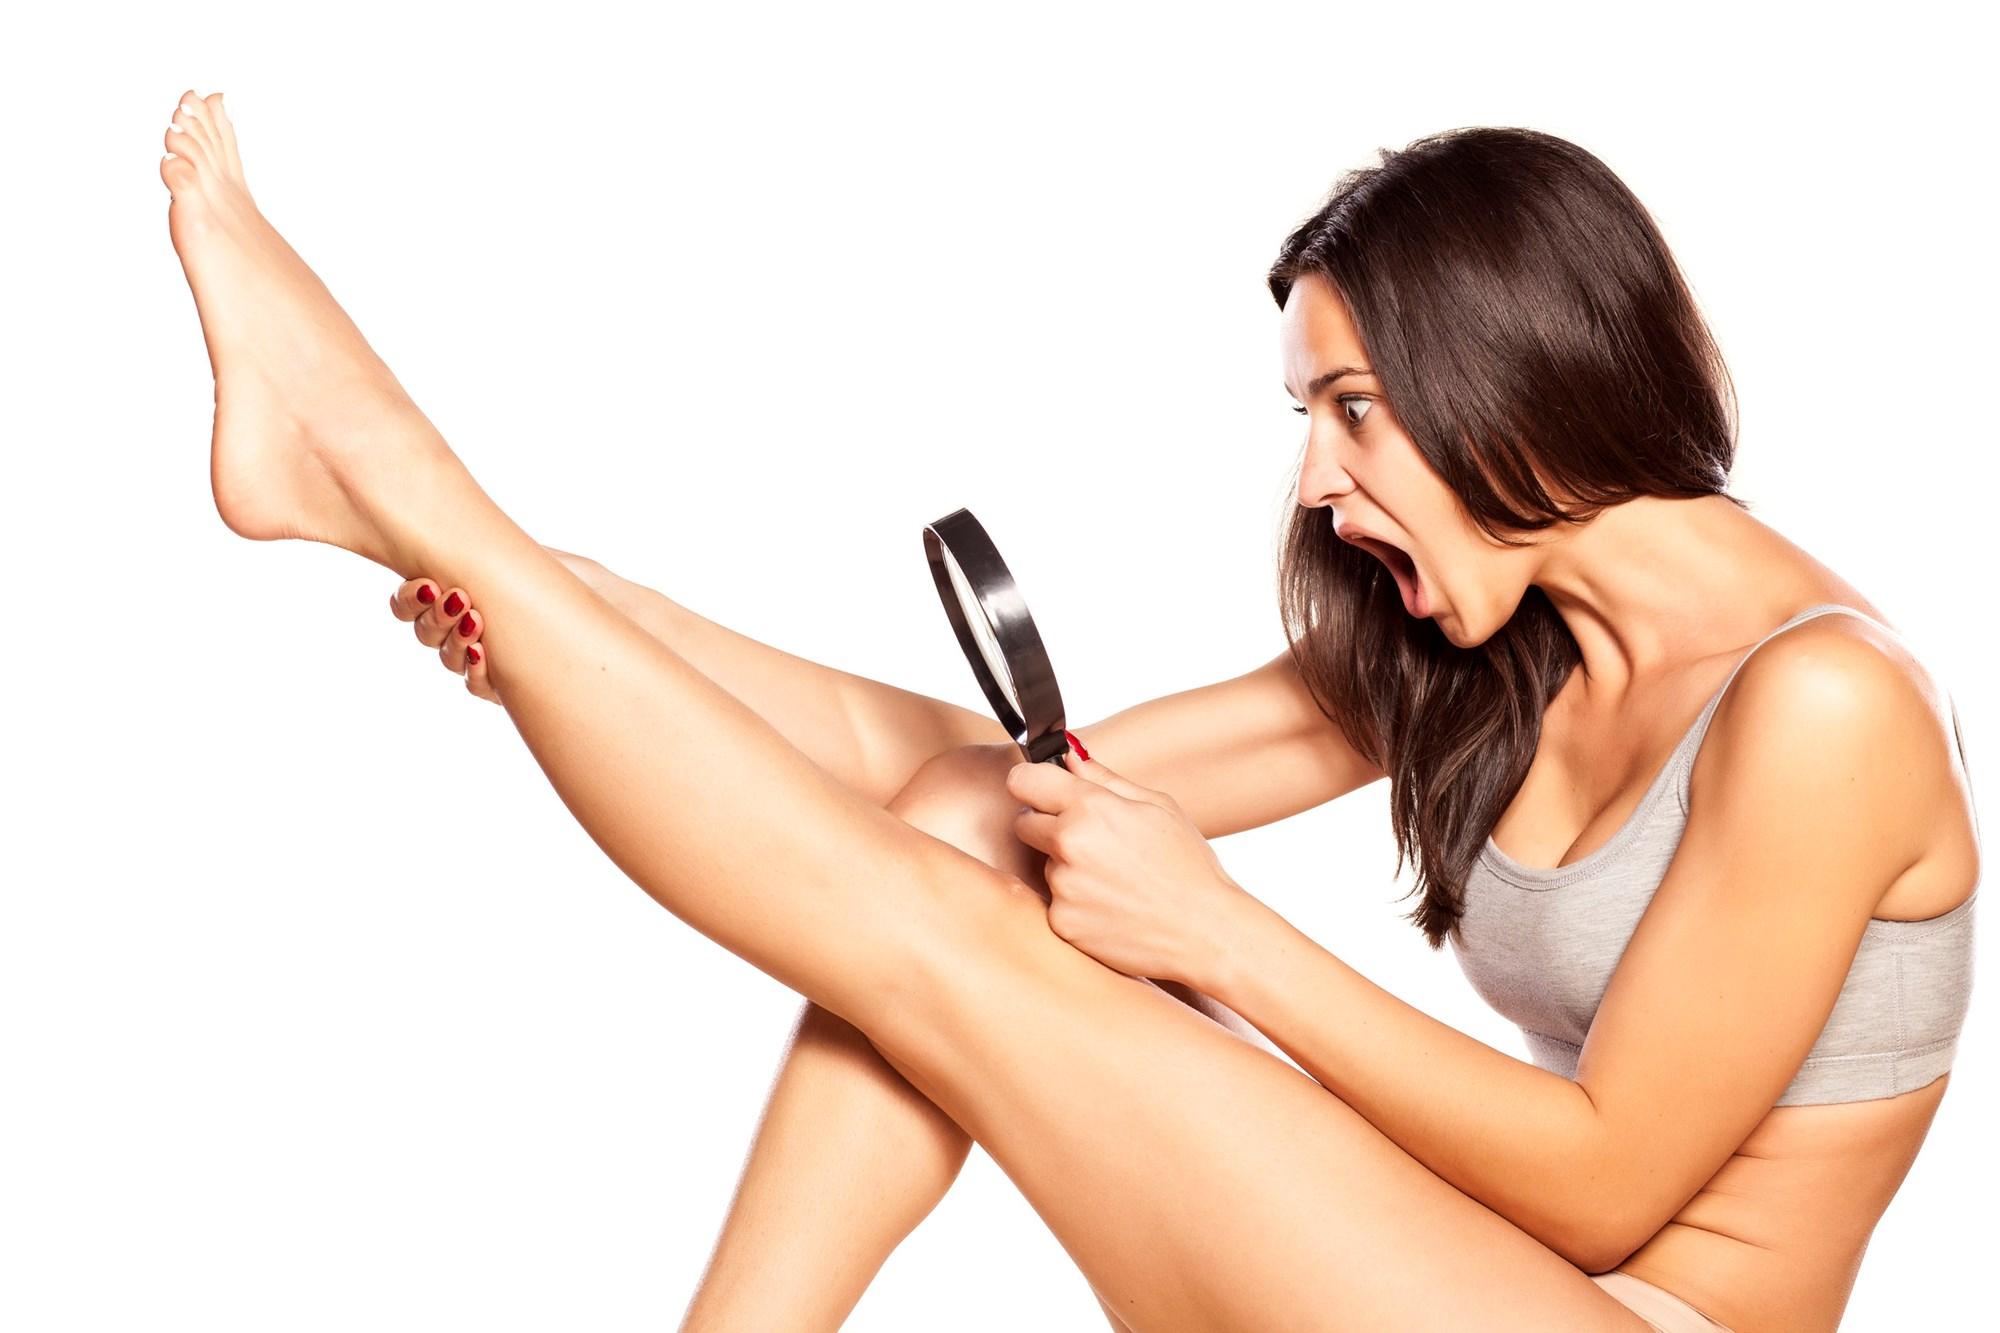 Как убрать волосы на бикини навсегда в домашних условиях